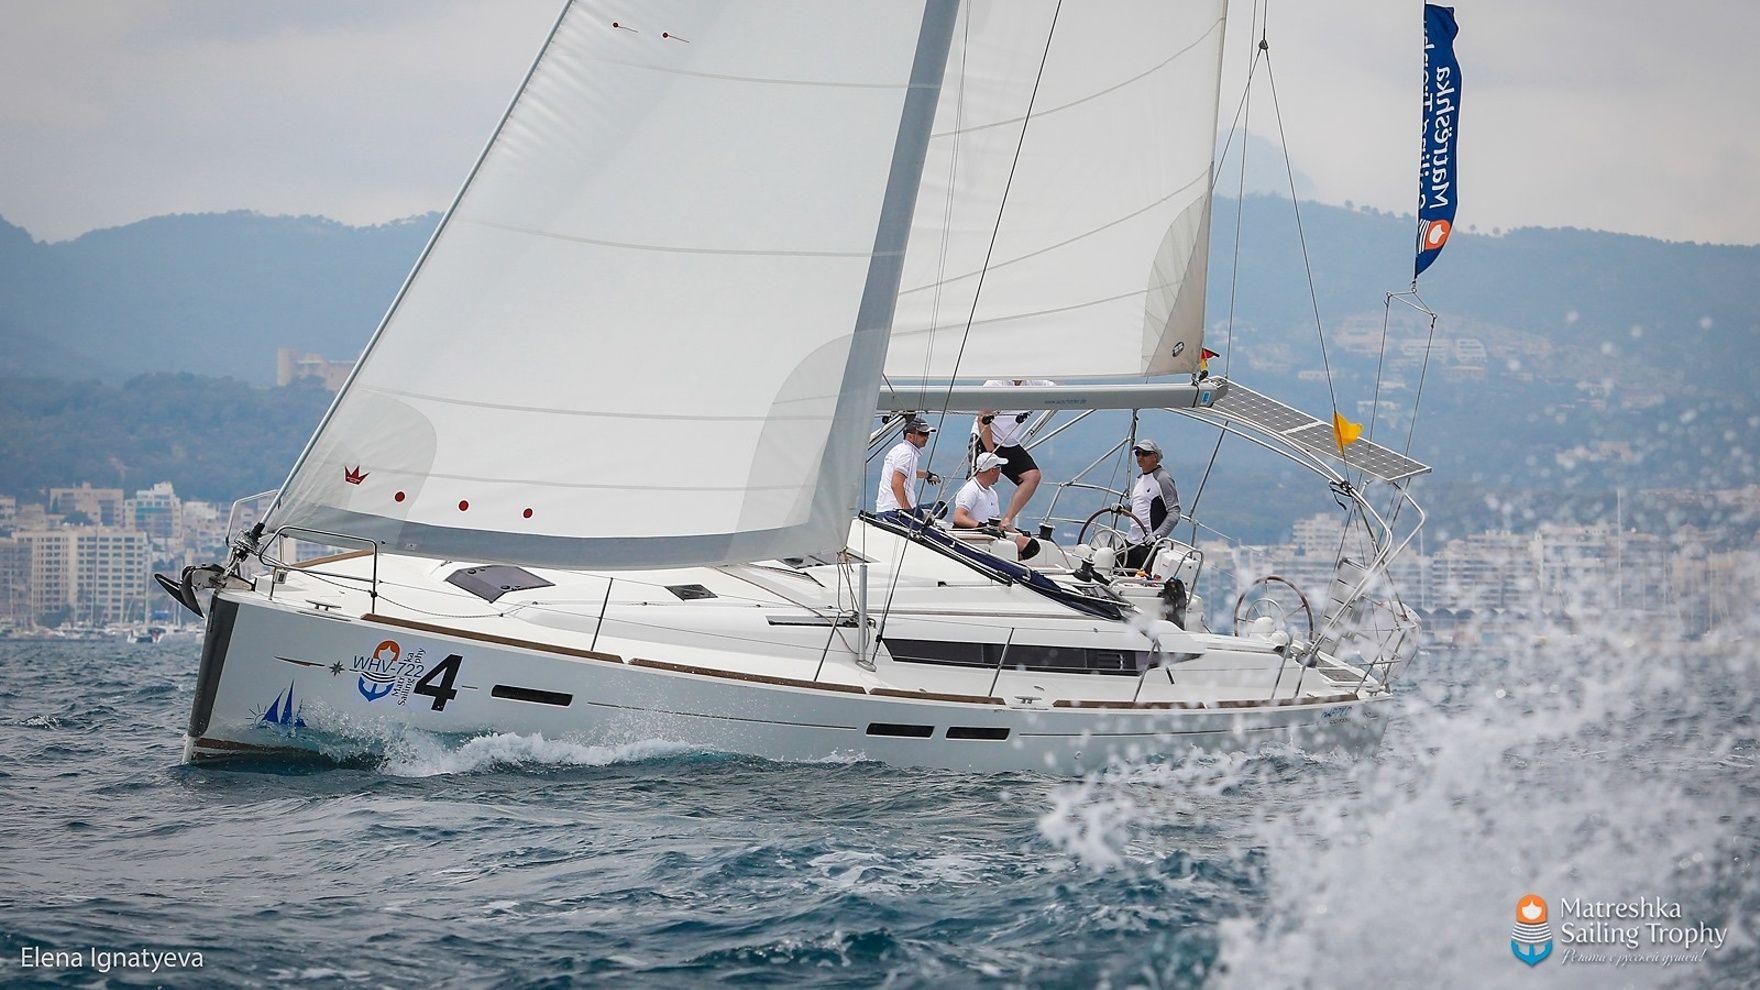 Matrёshka Sailing Trophy 2020